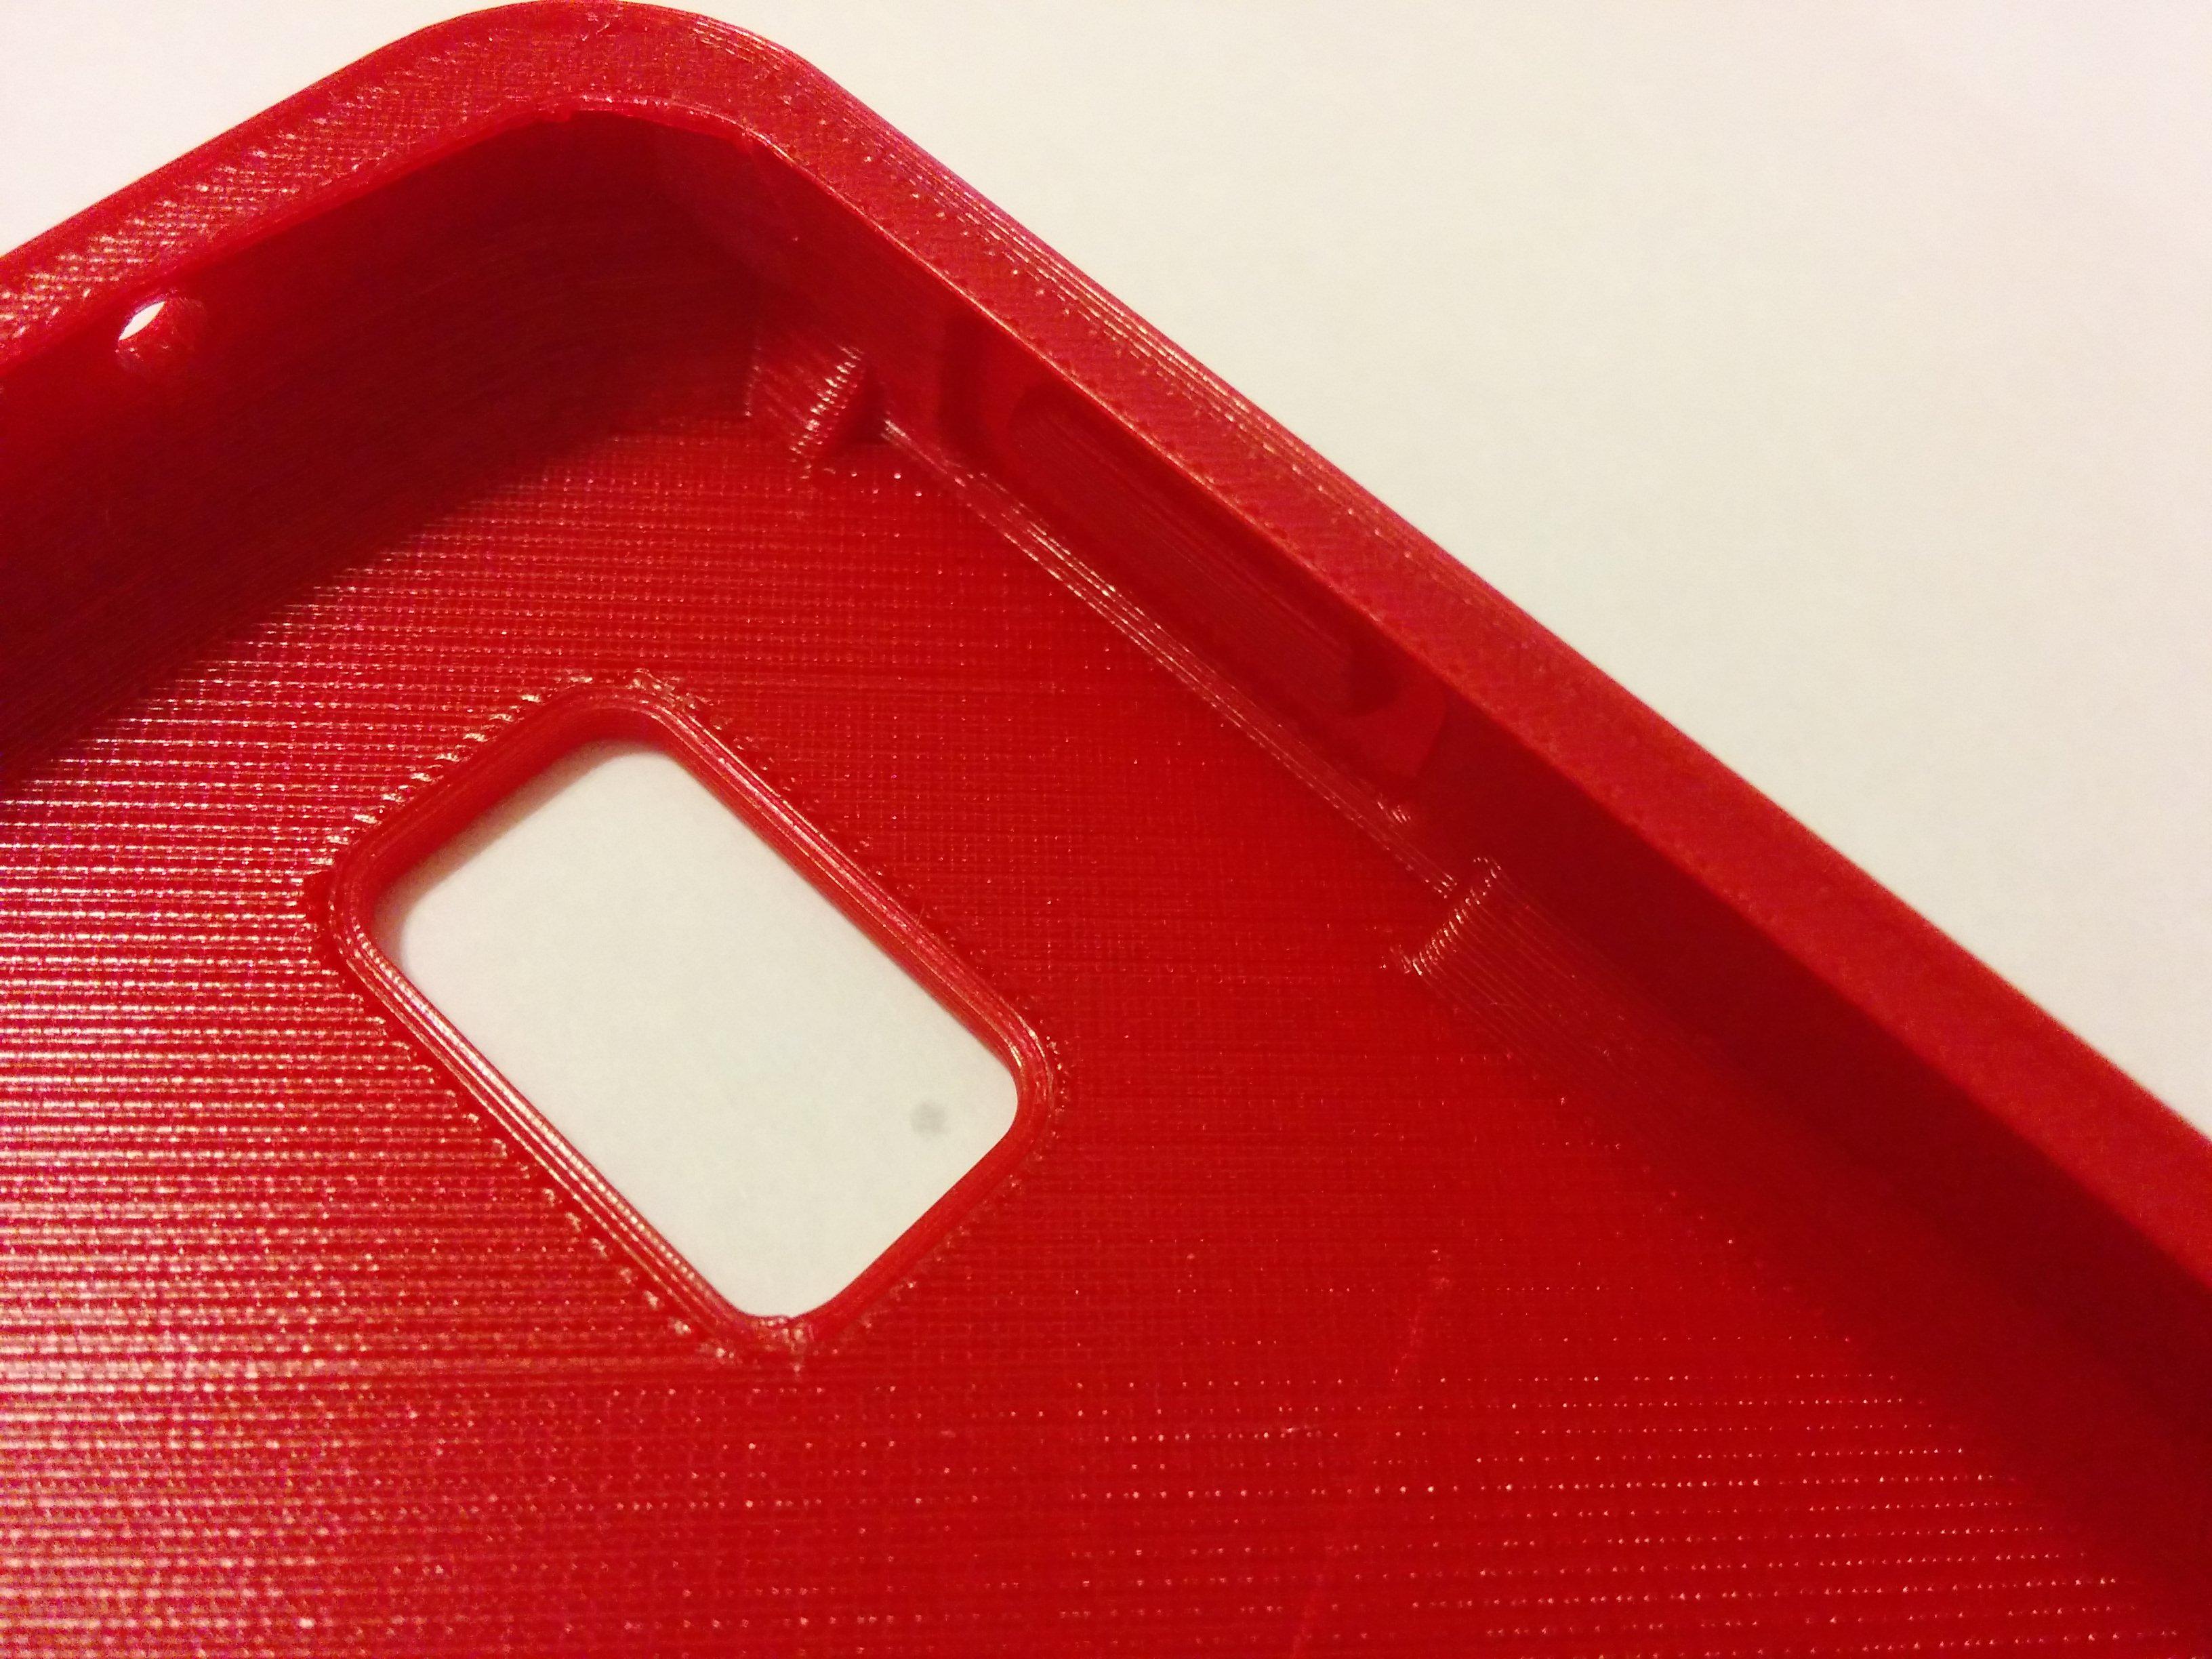 Тест от любителя тестировать пластики в различных средах и при различных условиях.